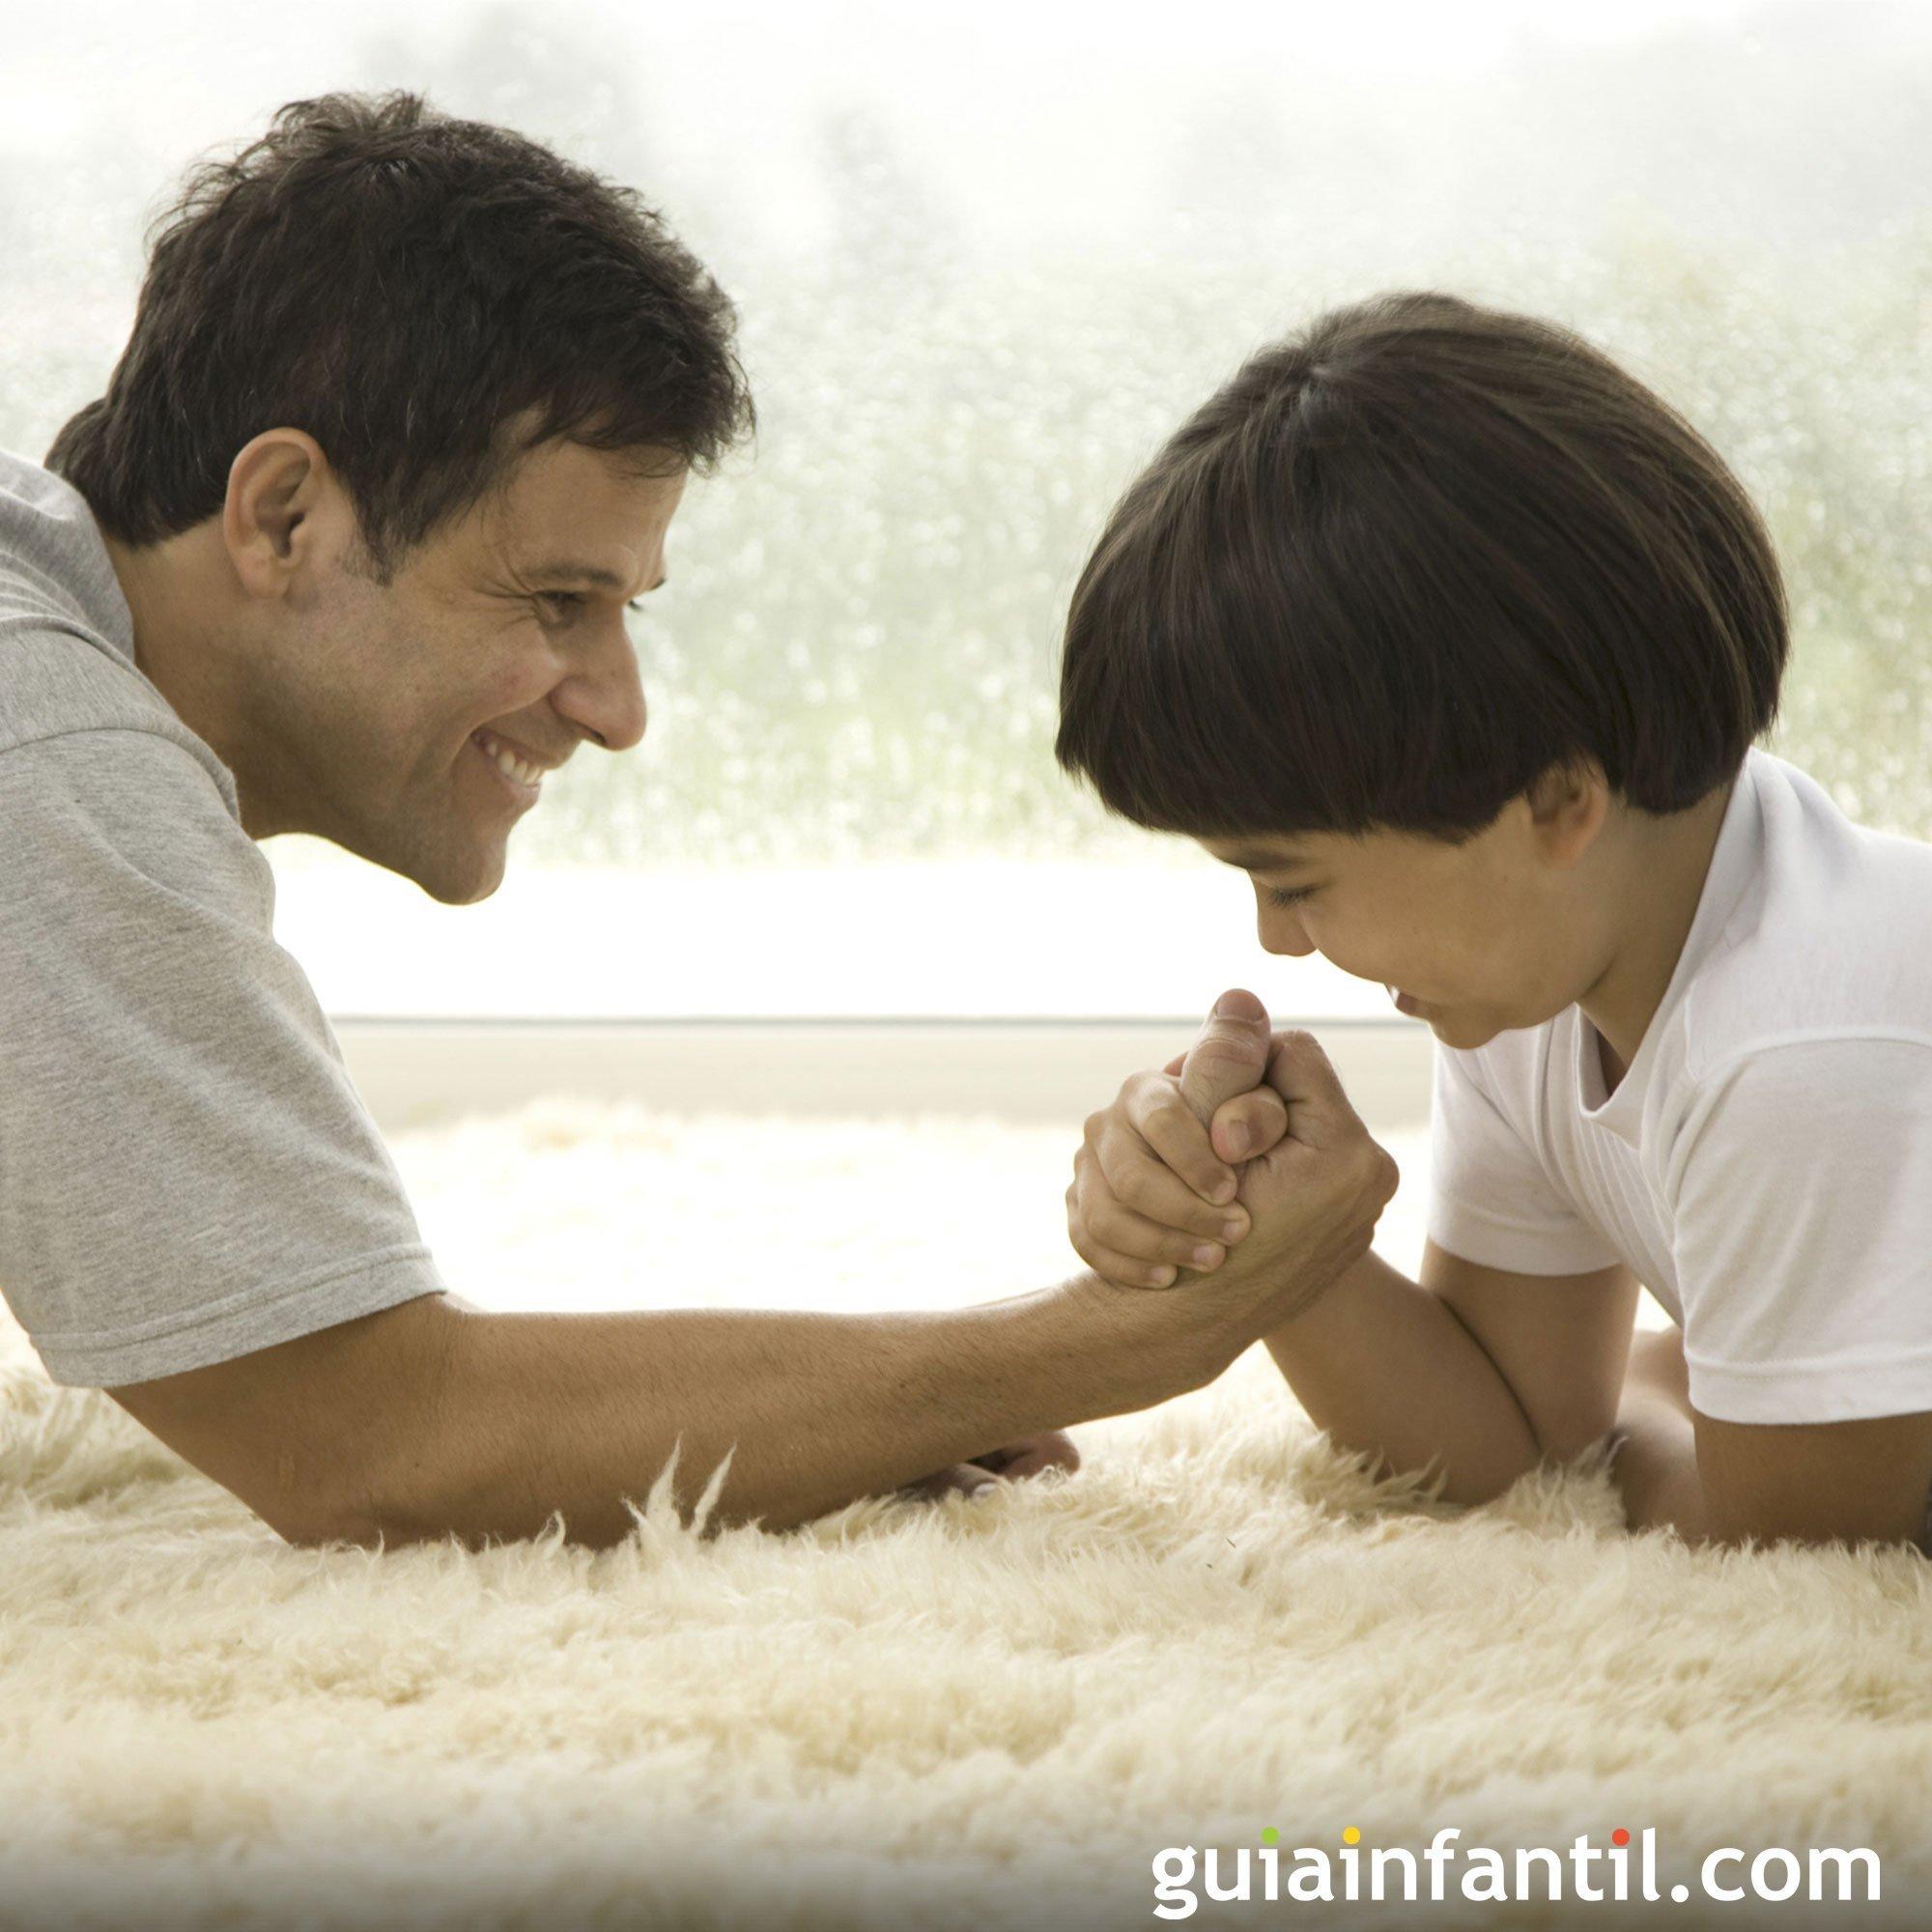 Un pulso con papá. Fotos graciosas para los niños